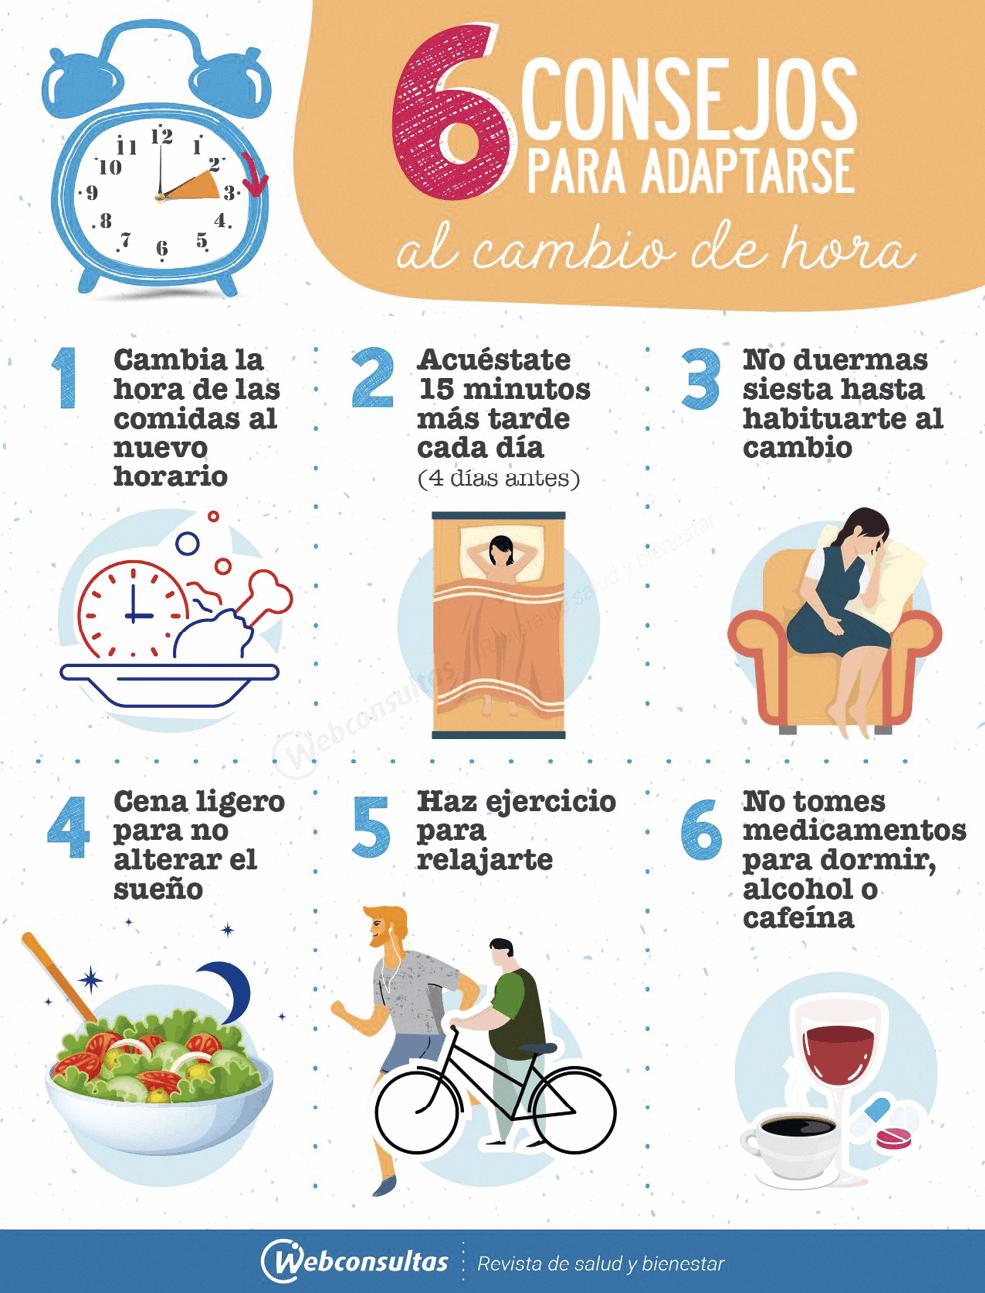 Cartel de consejos para adaptarse al Cambio horario, Webconsultas, 2019